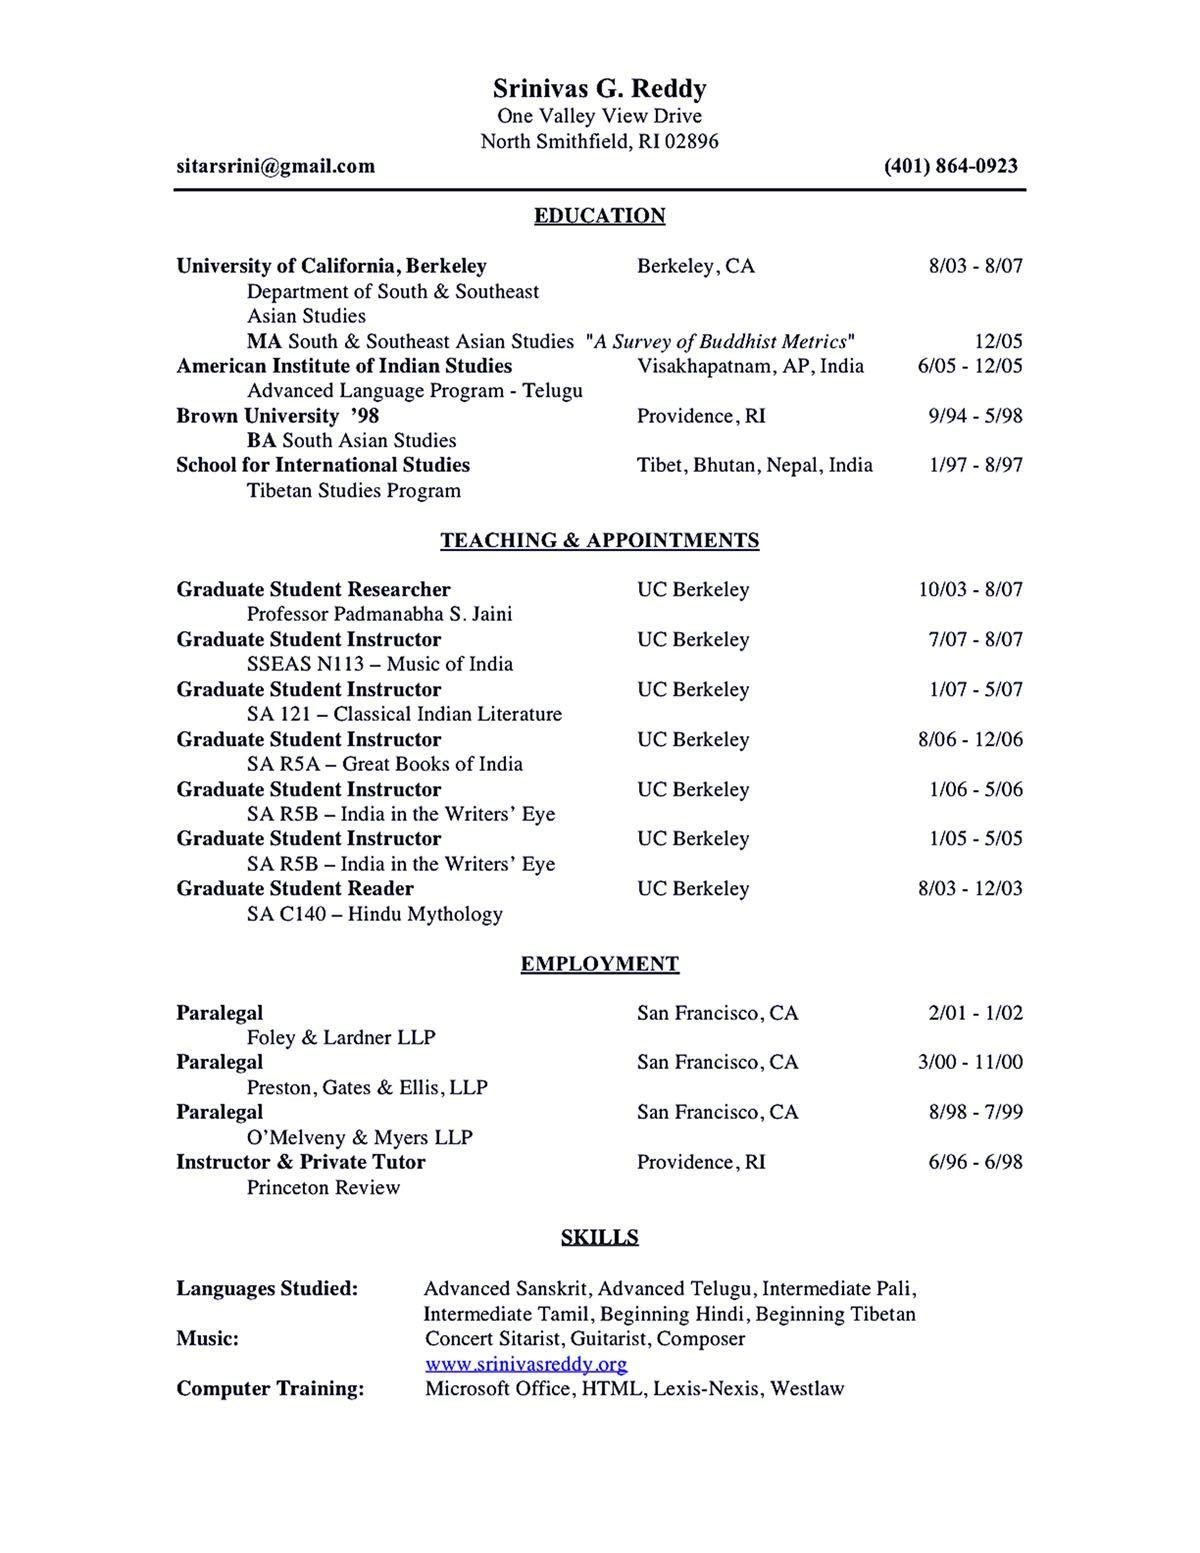 Resume Format Academic Curriculum vitae resume, College